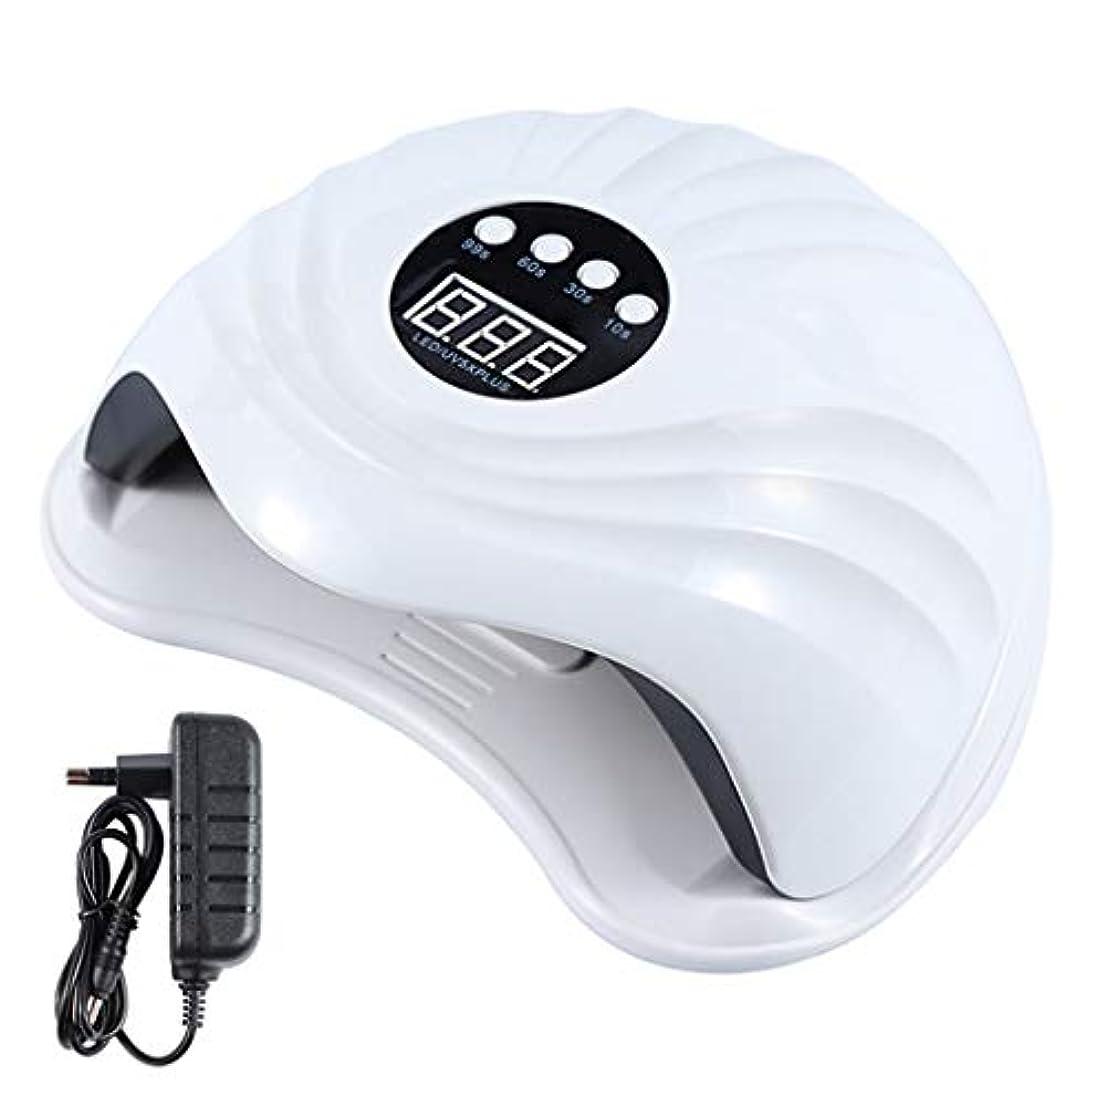 機動パイロット堤防YHSUNN Sun5x Plus UVネイルセラピーマシンランプライト108ワット36 LEDタイマーレスマニキュアツール付き痛みのないセラピージェルポリッシュドライヤー